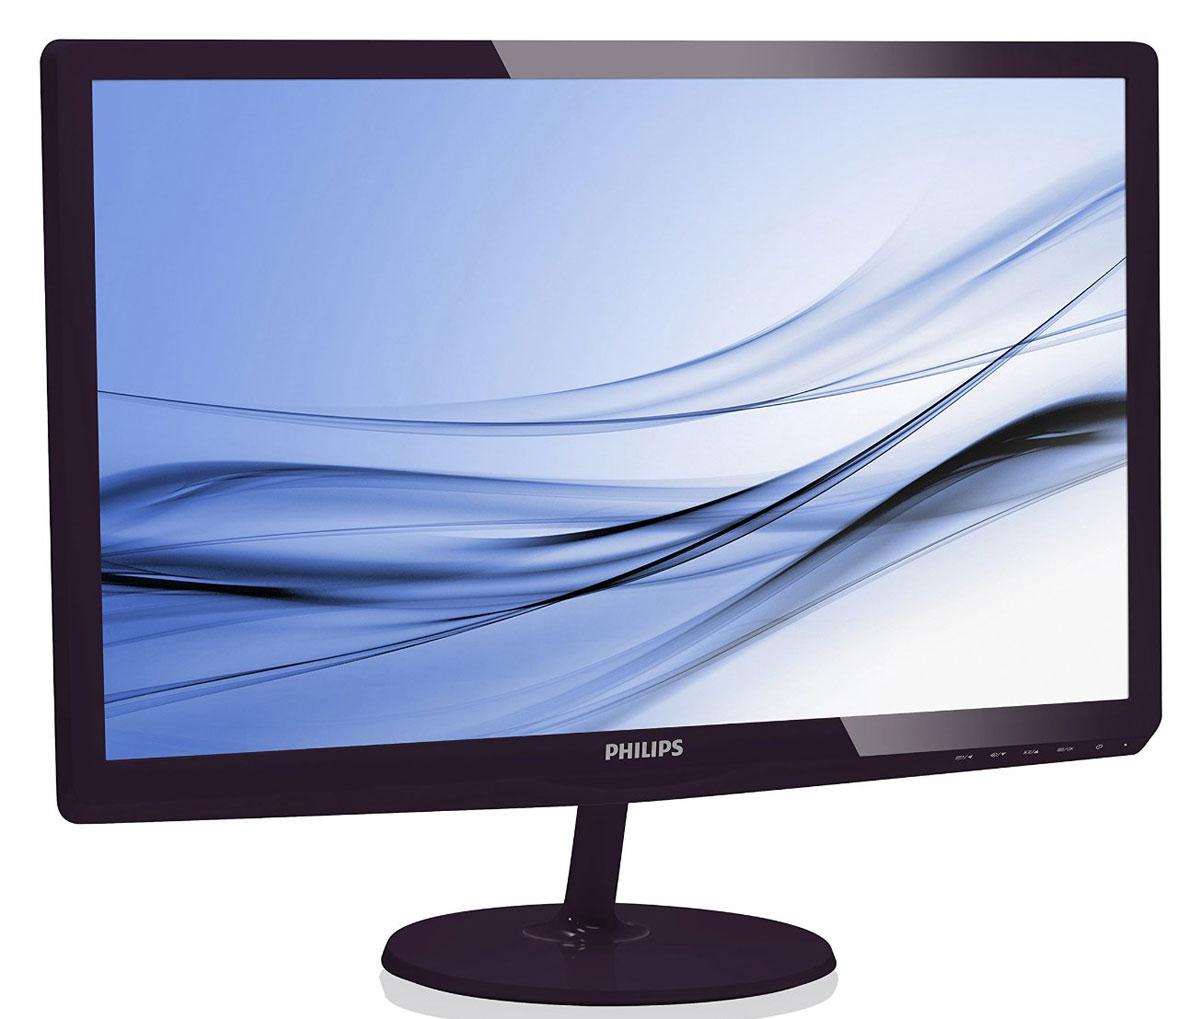 Philips 247E6QDAD (00/01), Black монитор247E6QDAD (00/01)Великолепный дисплей Philips 247E6QDAD обеспечивает потрясающее качество изображения, а изящный дизайн идеально дополнит и оживит интерьер любого дома или офиса. Технология IPS-ADS с широким углом обзора для точной передачи цветов и изображений: В IPS-ADS-дисплеях используется прогрессивная технология, обеспечивающая широкий угол обзора 178/178 градусов для просмотра дисплея практически под любым углом. По сравнению со стандартными TN-панелями IPS-ADS-дисплеи обеспечивают значительно более высокую четкость изображения и яркие цвета, что делает их идеальным решением не только для просмотра фотографий, фильмов и веб-сайтов, но также и для работы в профессиональных приложениях, где требуется точная передача цвета и яркости. Дисплей 16:9 Full HD для четкого и детального изображения: ЖК-дисплей Full HD имеет разрешение 1920x1080р — самое высокое из всех разрешений HD-источников, обеспечивающее изображение наилучшего качества. Это настоящий...